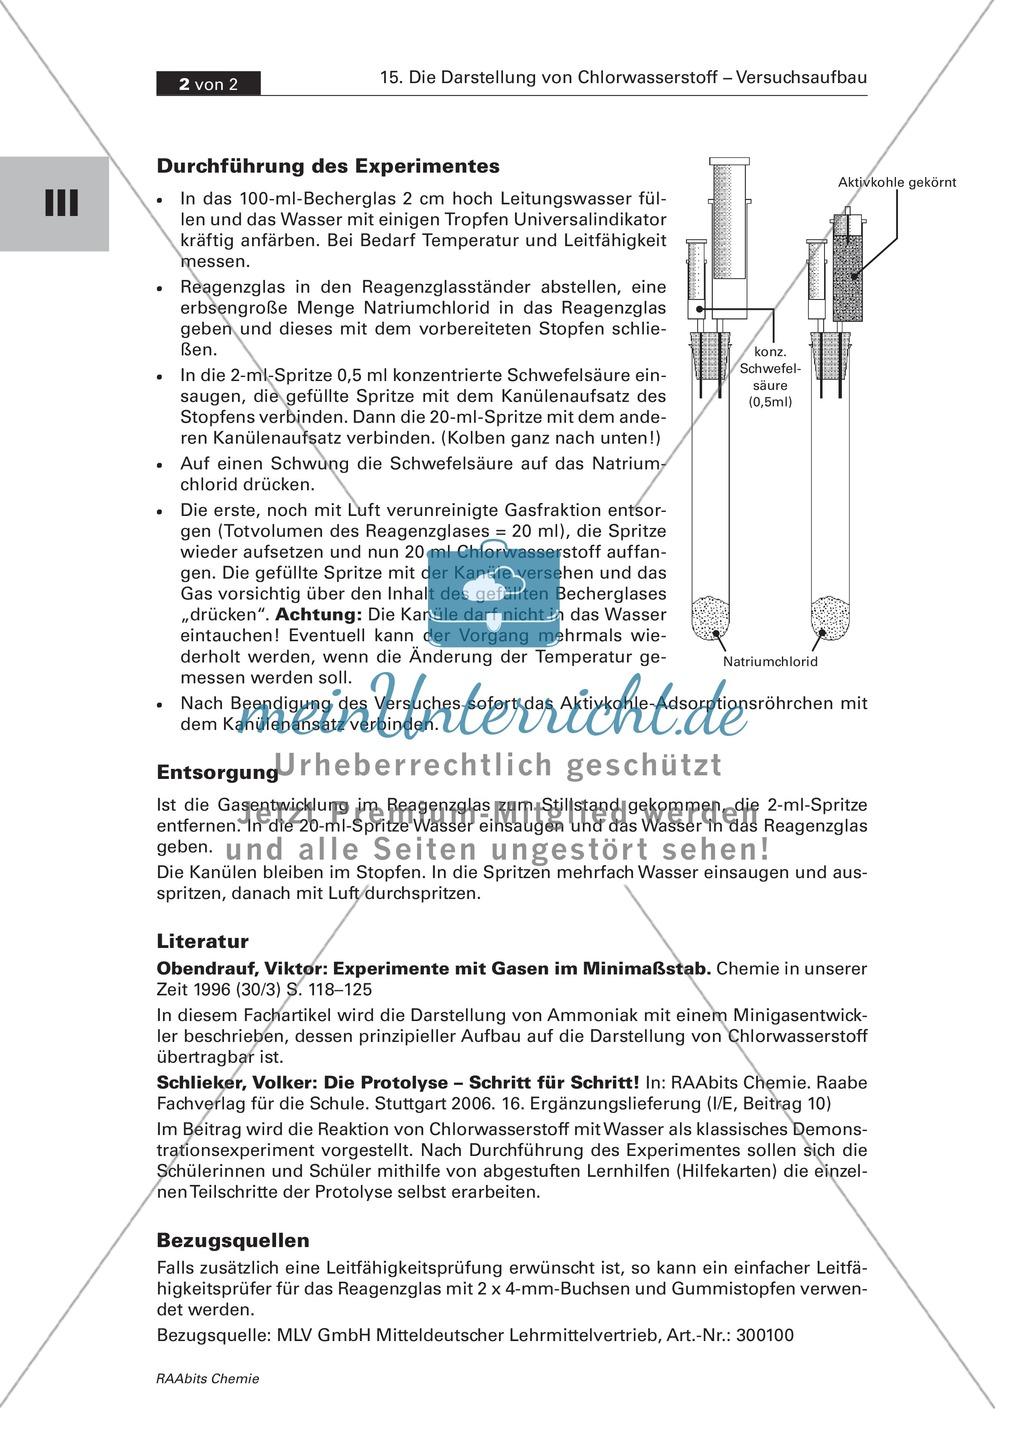 Darstellung von Chlorwasserstoff im Minimaßstab als Schülerversuch Preview 1